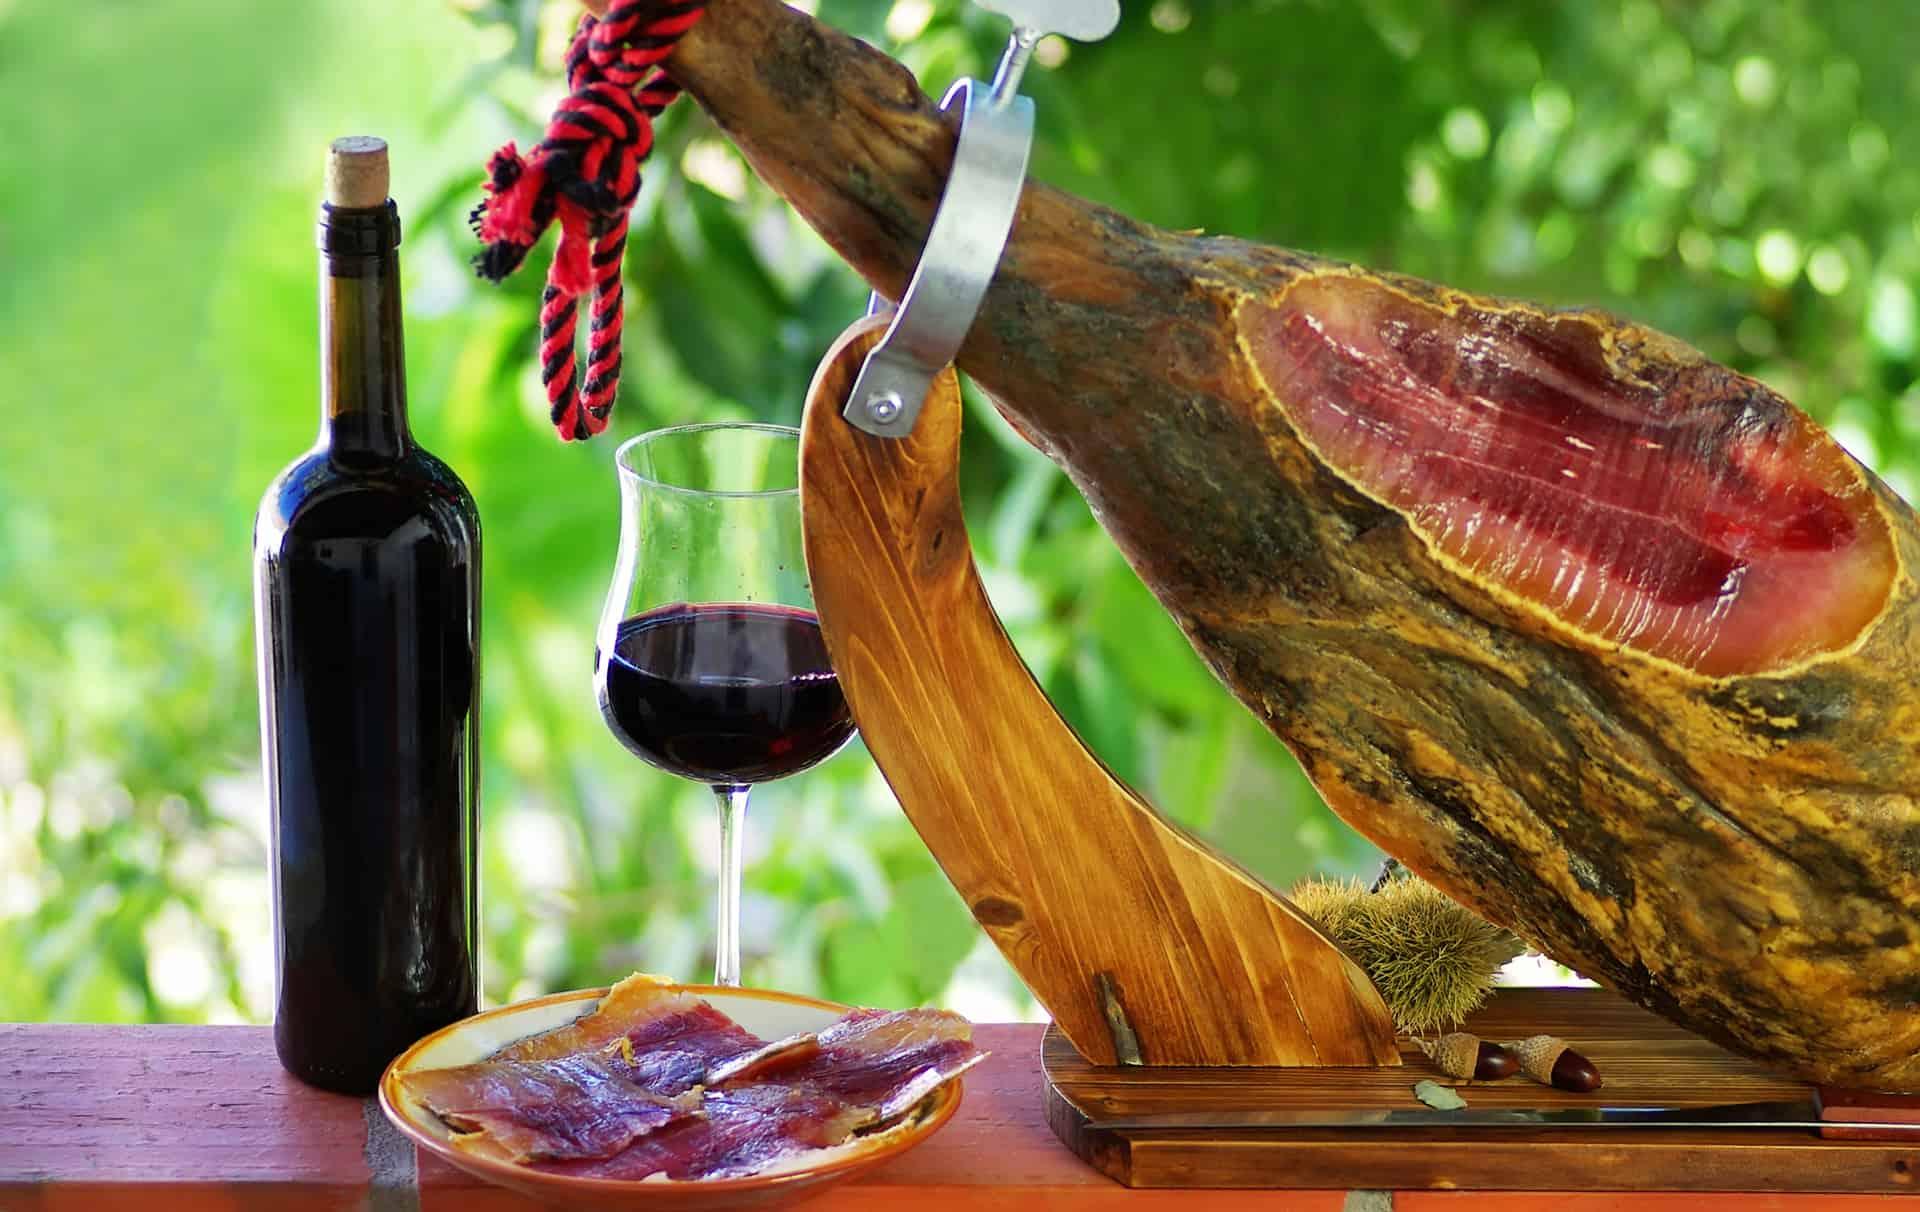 Kan du rejse til Spanien? Spanske vindistrikter, rødvin og pata negra skinke